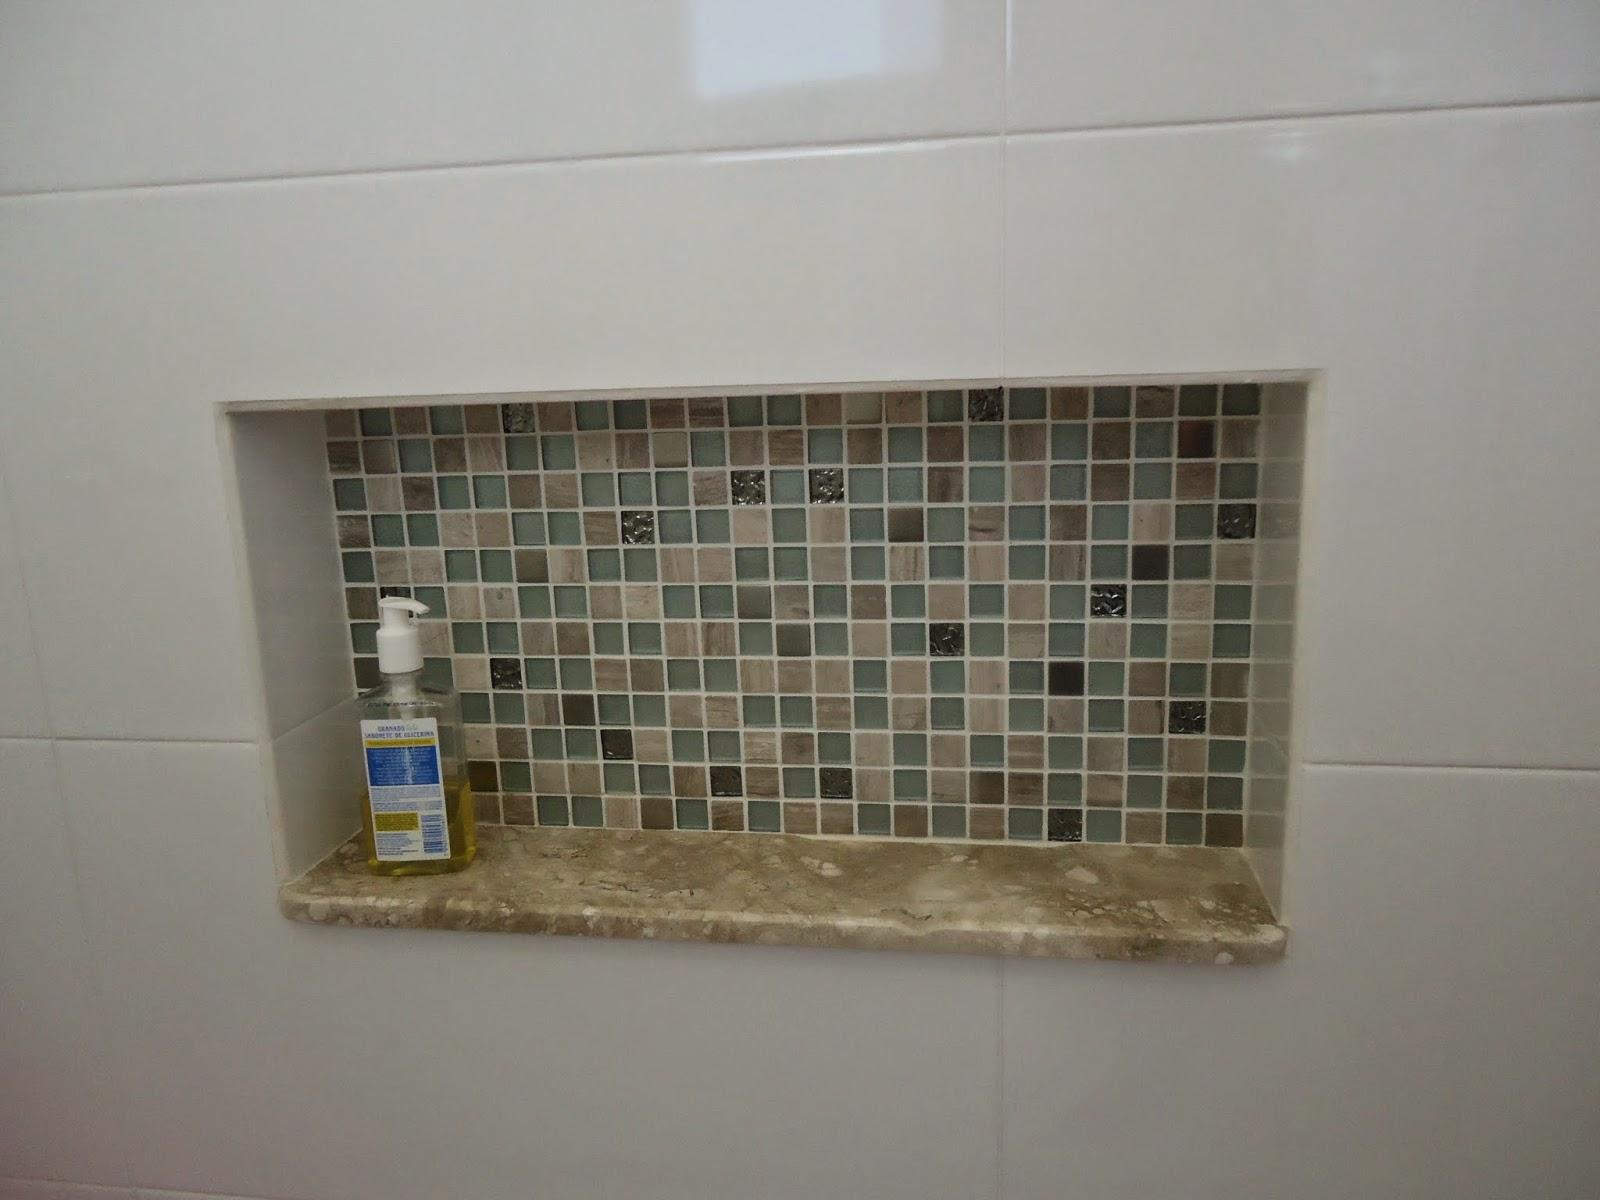 Nichos e pastilhas de vidro em banheiro infantil #2A436C 1600x1200 Banheiro Com Pastilhas E Nichos